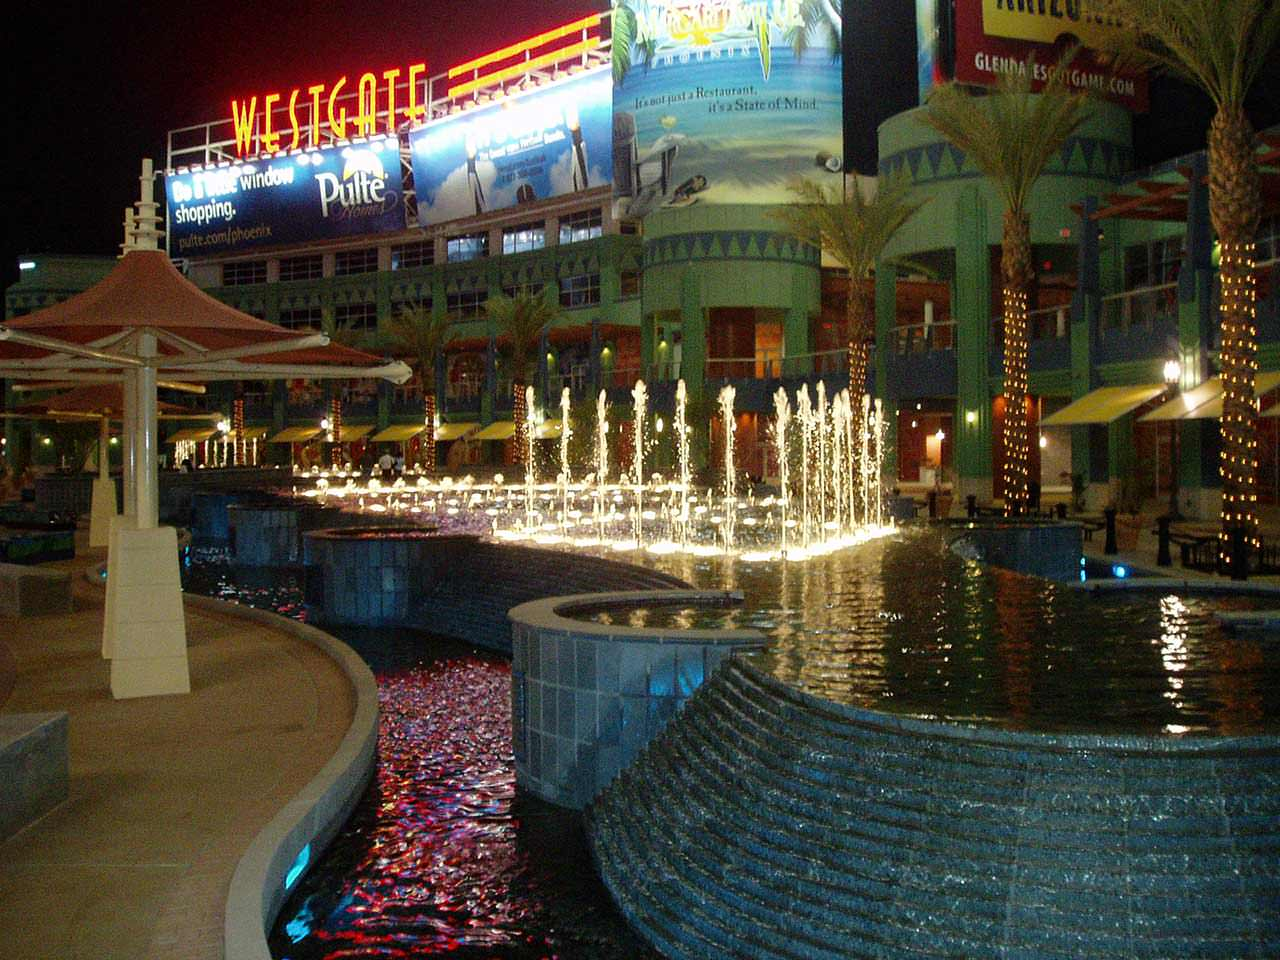 Westgate City Center Entertainment District